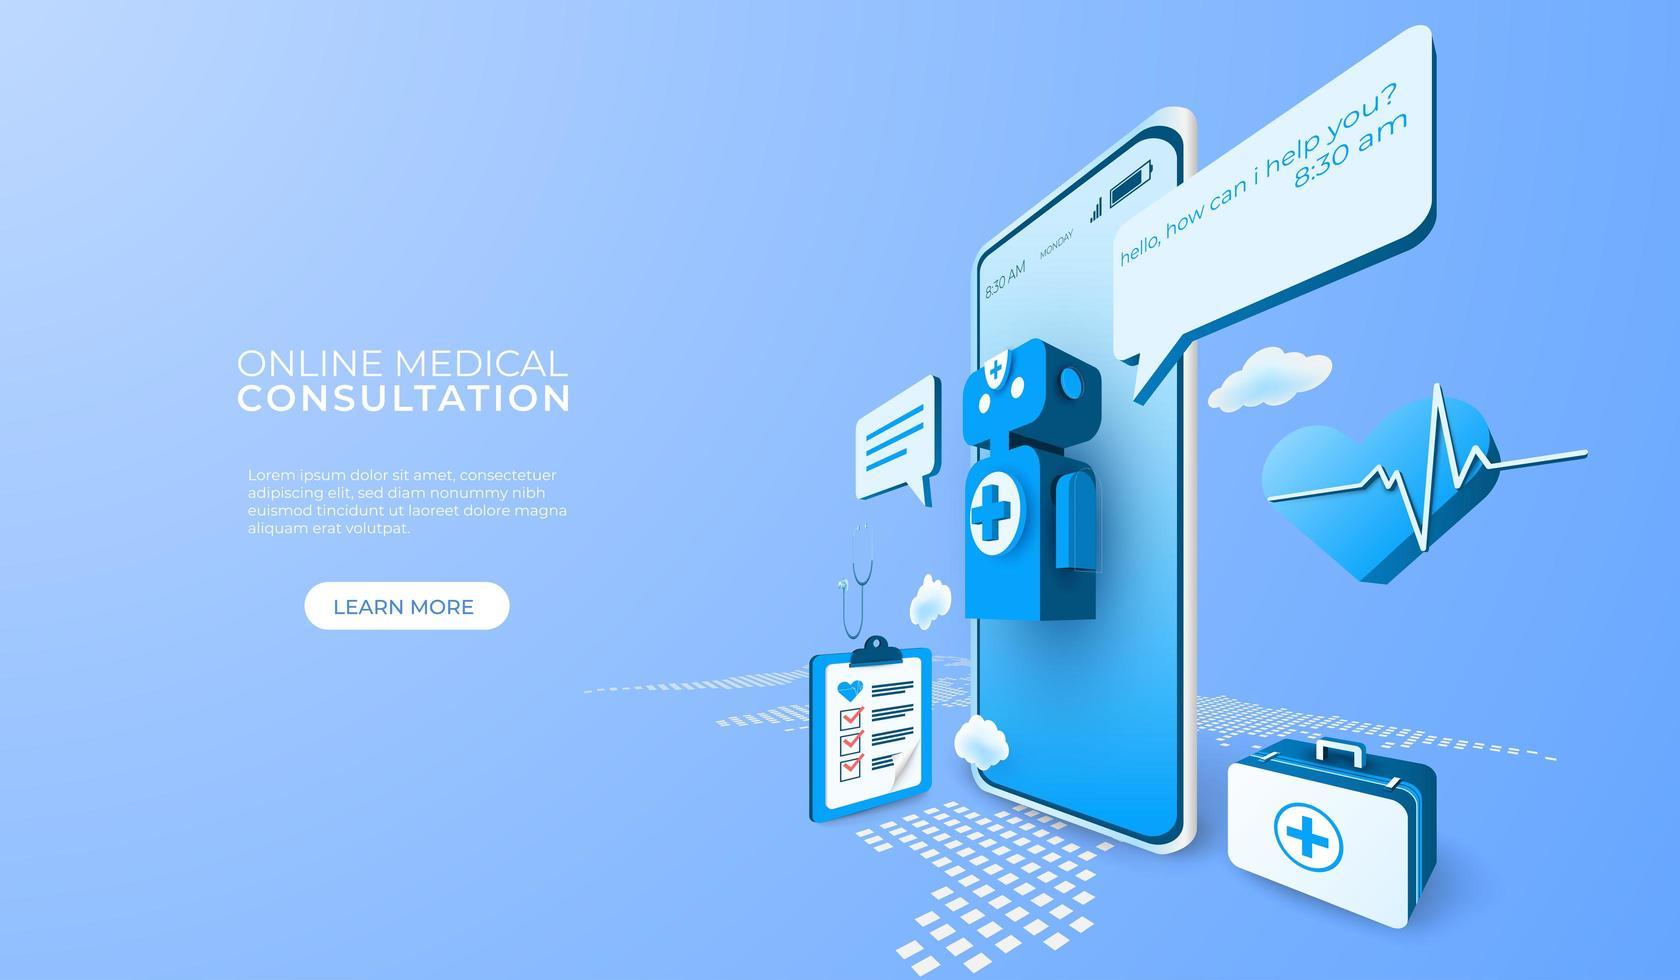 consulta médica en línea de tecnología digital vector